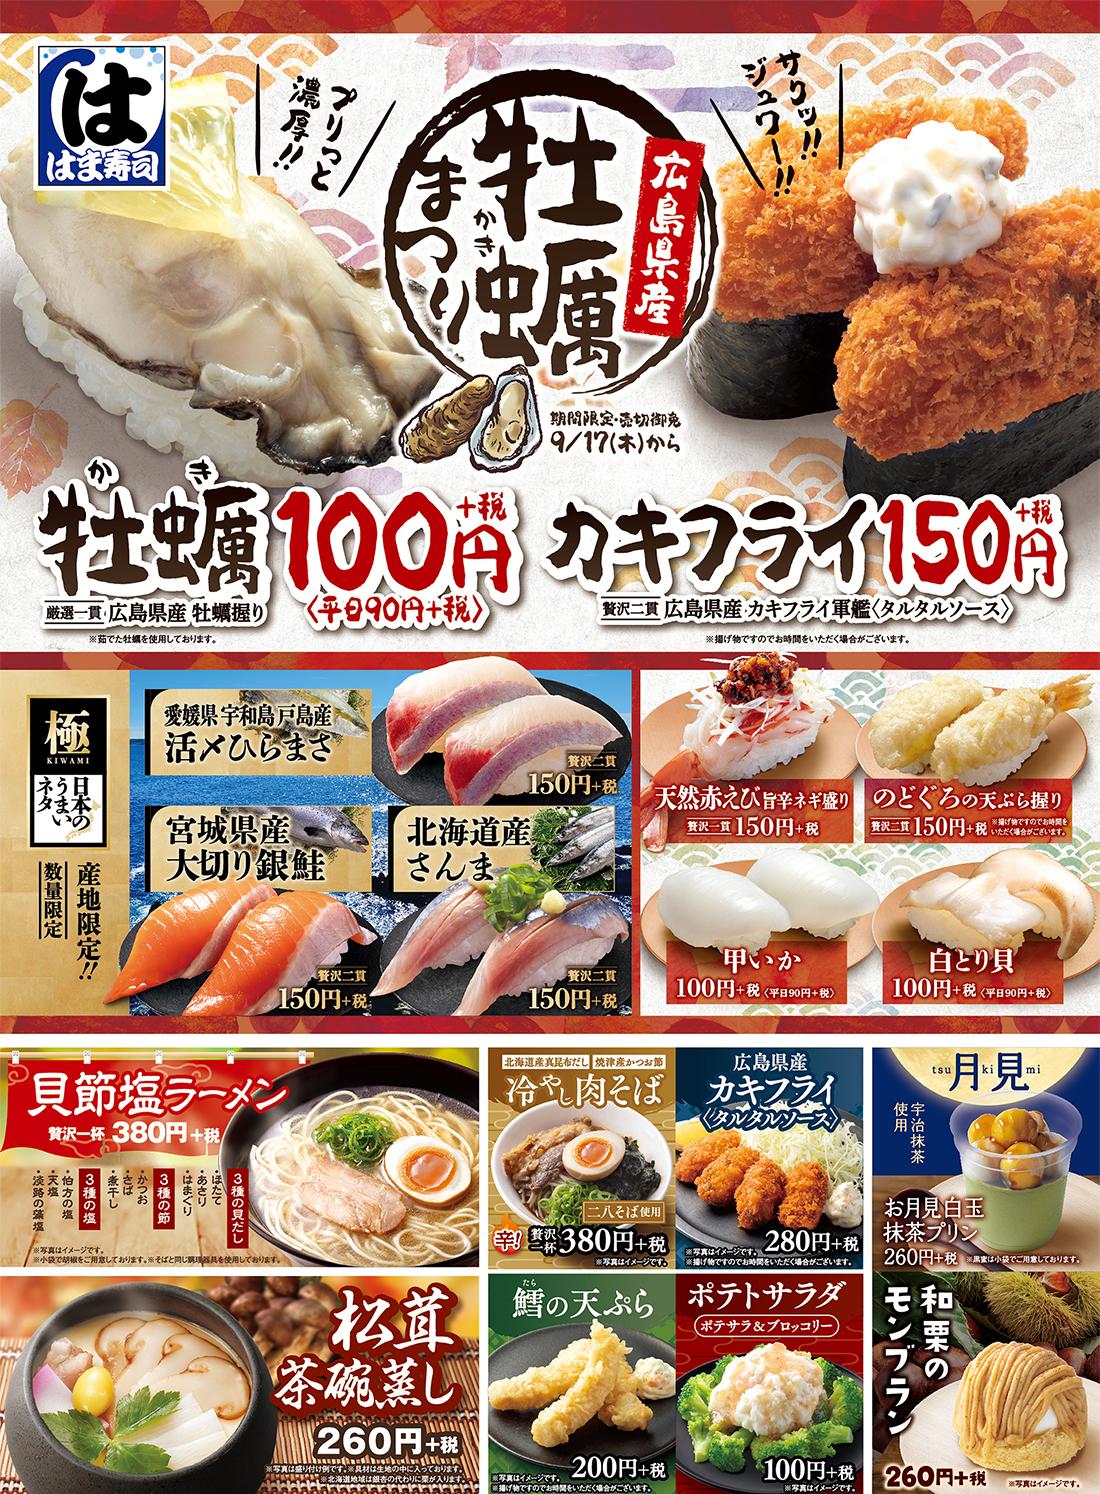 祭り 2020 牡蠣 広島かき祭りカレンダー